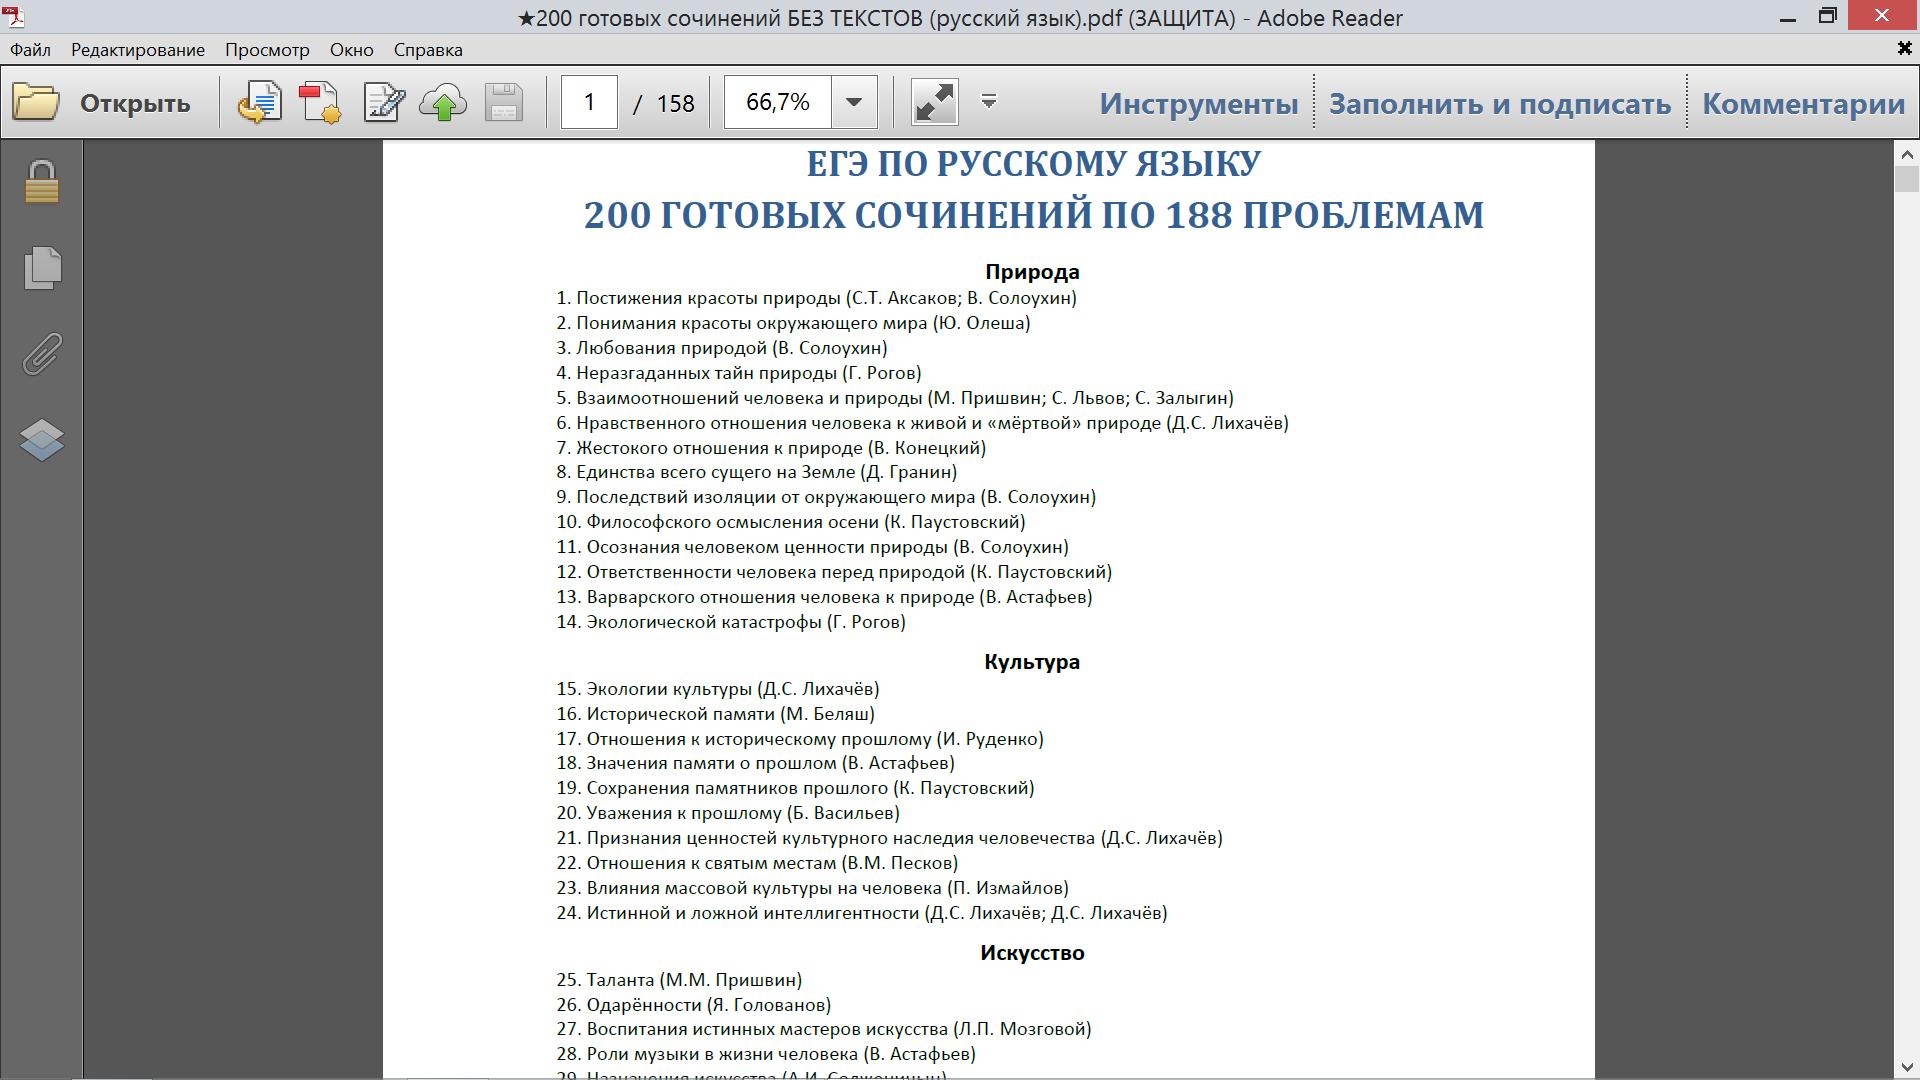 Готовые сочинения к ЕГЭ по русскому языку